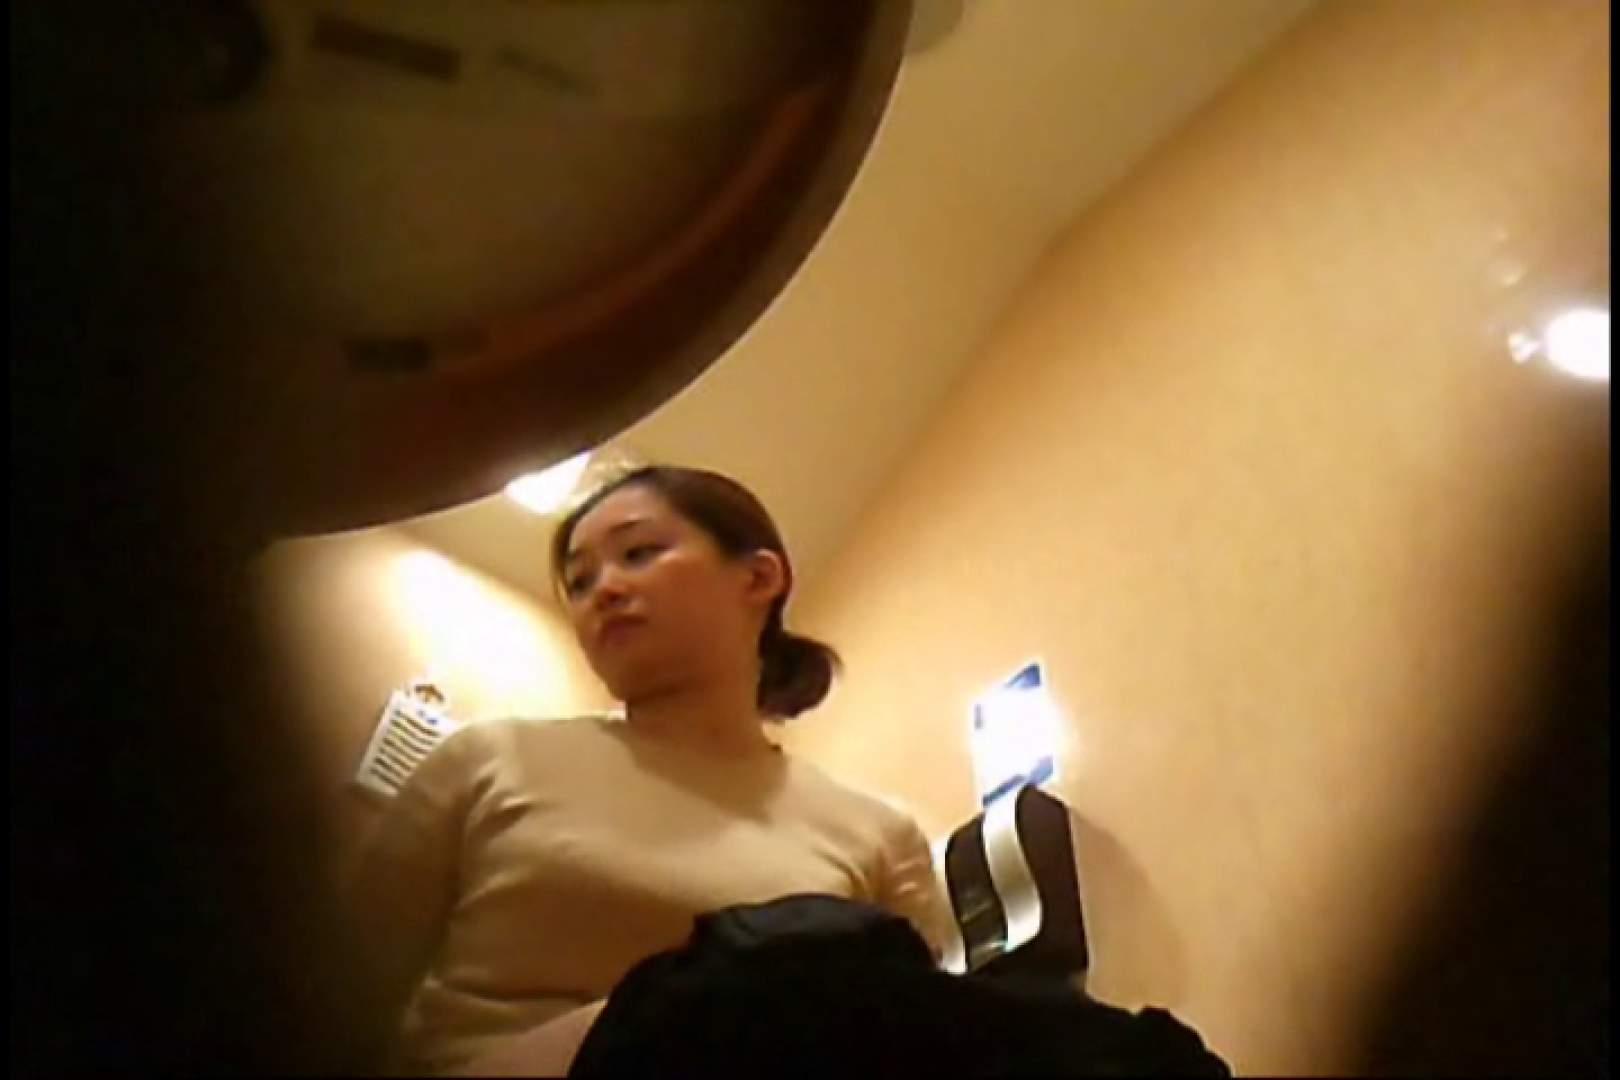 潜入!!女子化粧室盗撮~絶対見られたくない時間~vo,28 潜入突撃 盗み撮り動画キャプチャ 88pic 23